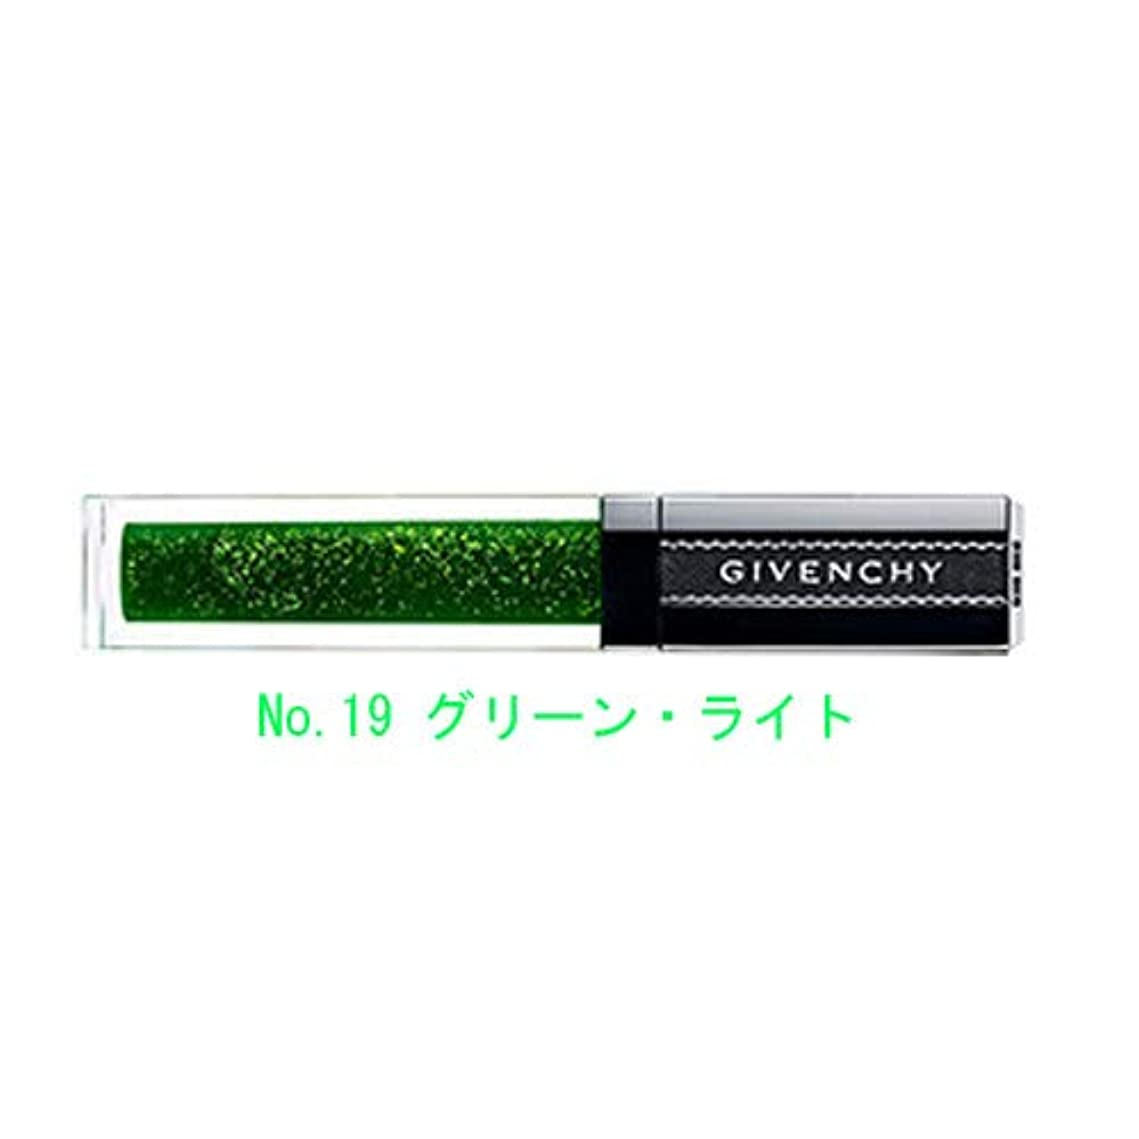 キャンディーはっきりしないクラスGIVENCHY(ジバンシイ)グロス?アンテルディ 6ml (No.19 グリーン?ライト【限定色】)